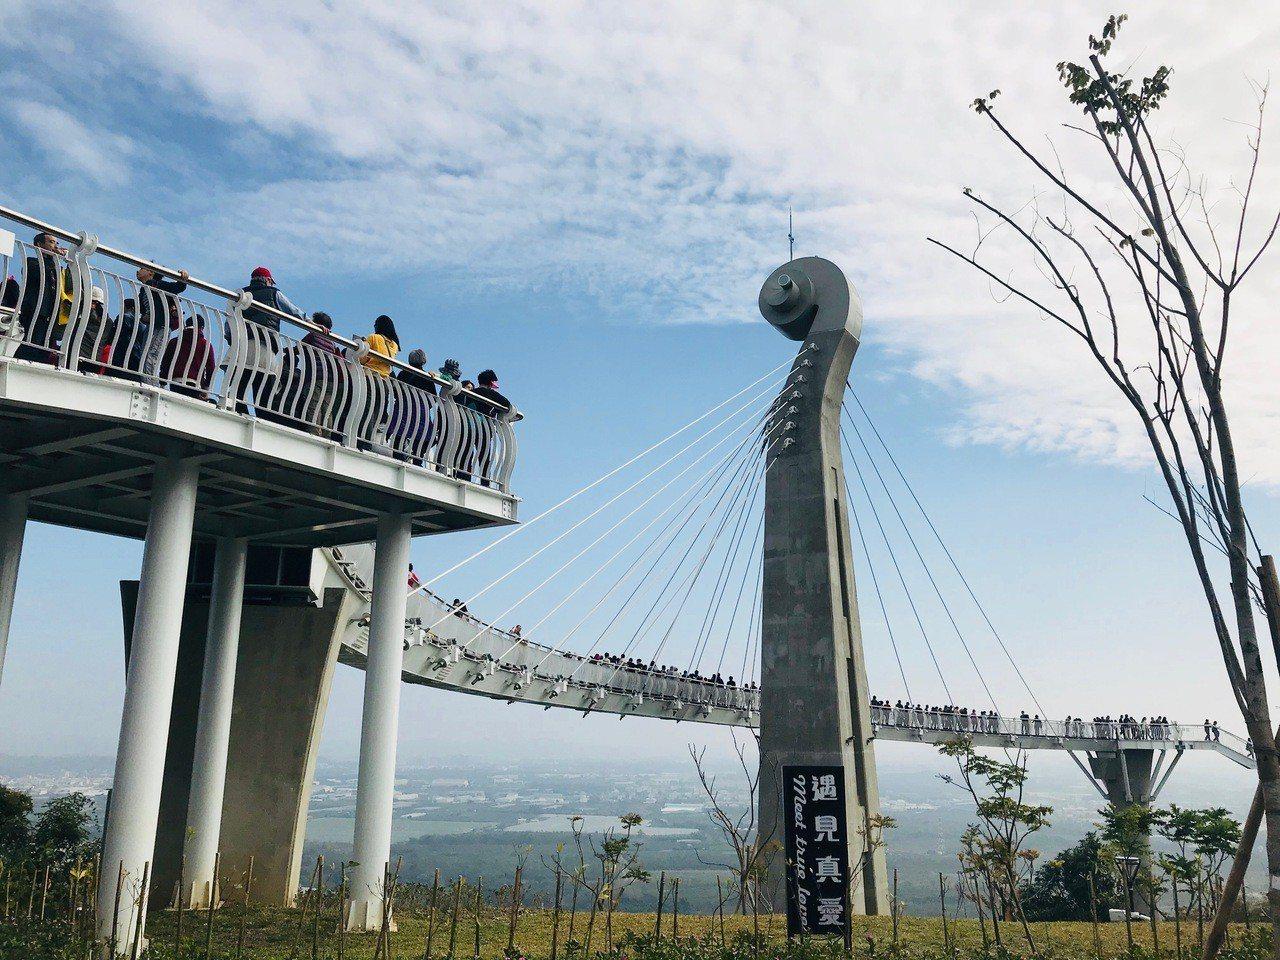 高雄市政府花了一億多元打造的 「崗山之眼」,開園不到1年,今天起卻要封園2個月。...